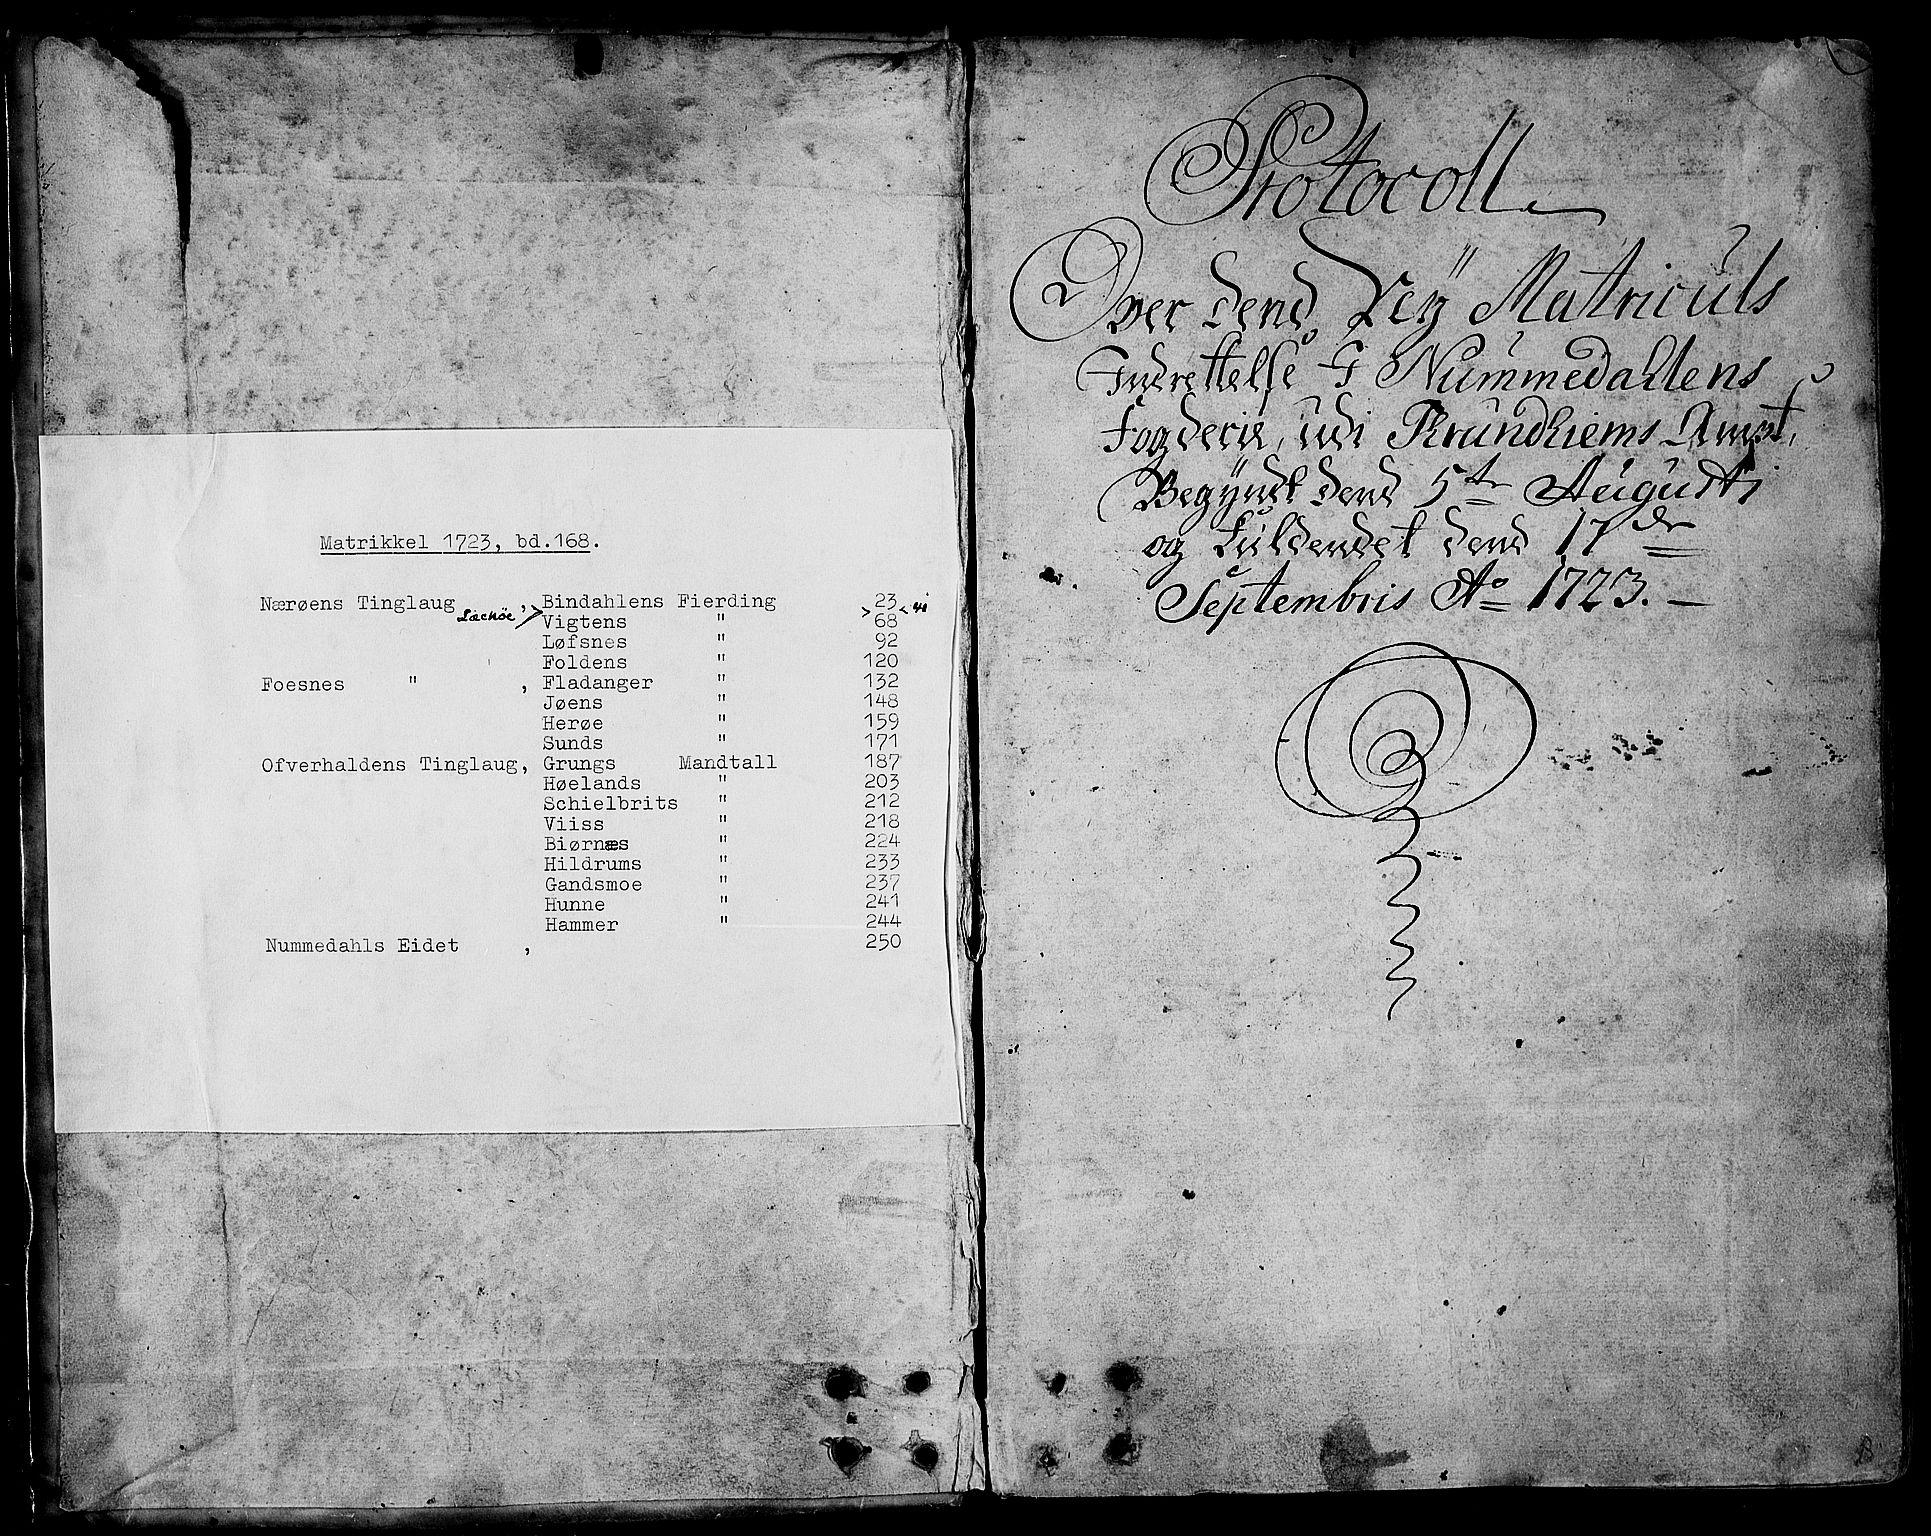 RA, Rentekammeret inntil 1814, Realistisk ordnet avdeling, N/Nb/Nbf/L0168: Namdalen eksaminasjonsprotokoll, 1723, s. upaginert